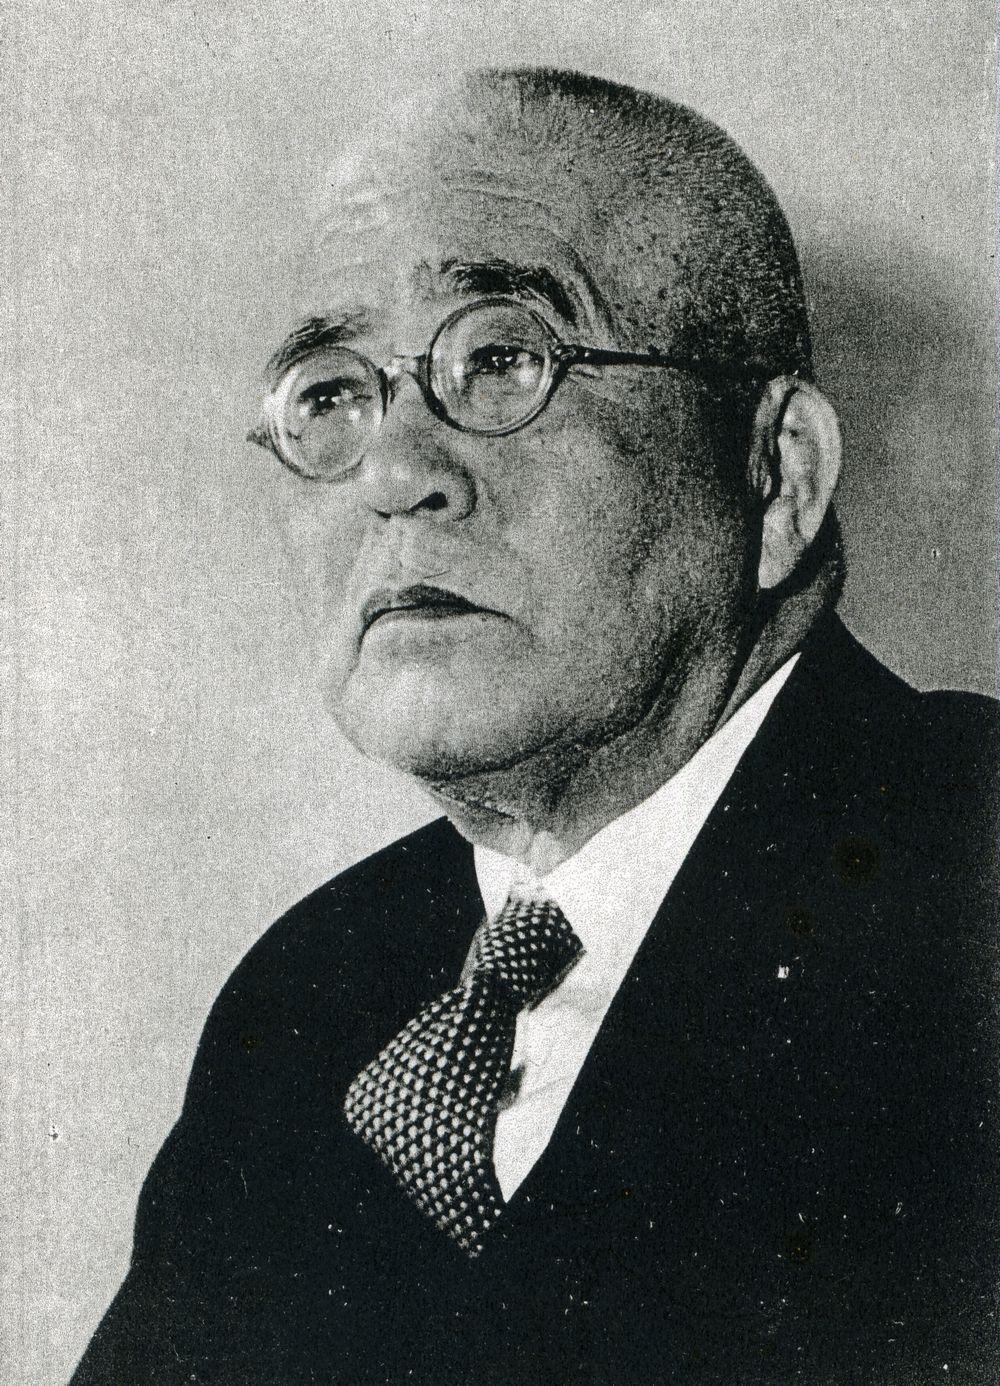 前田米蔵 - Wikipedia